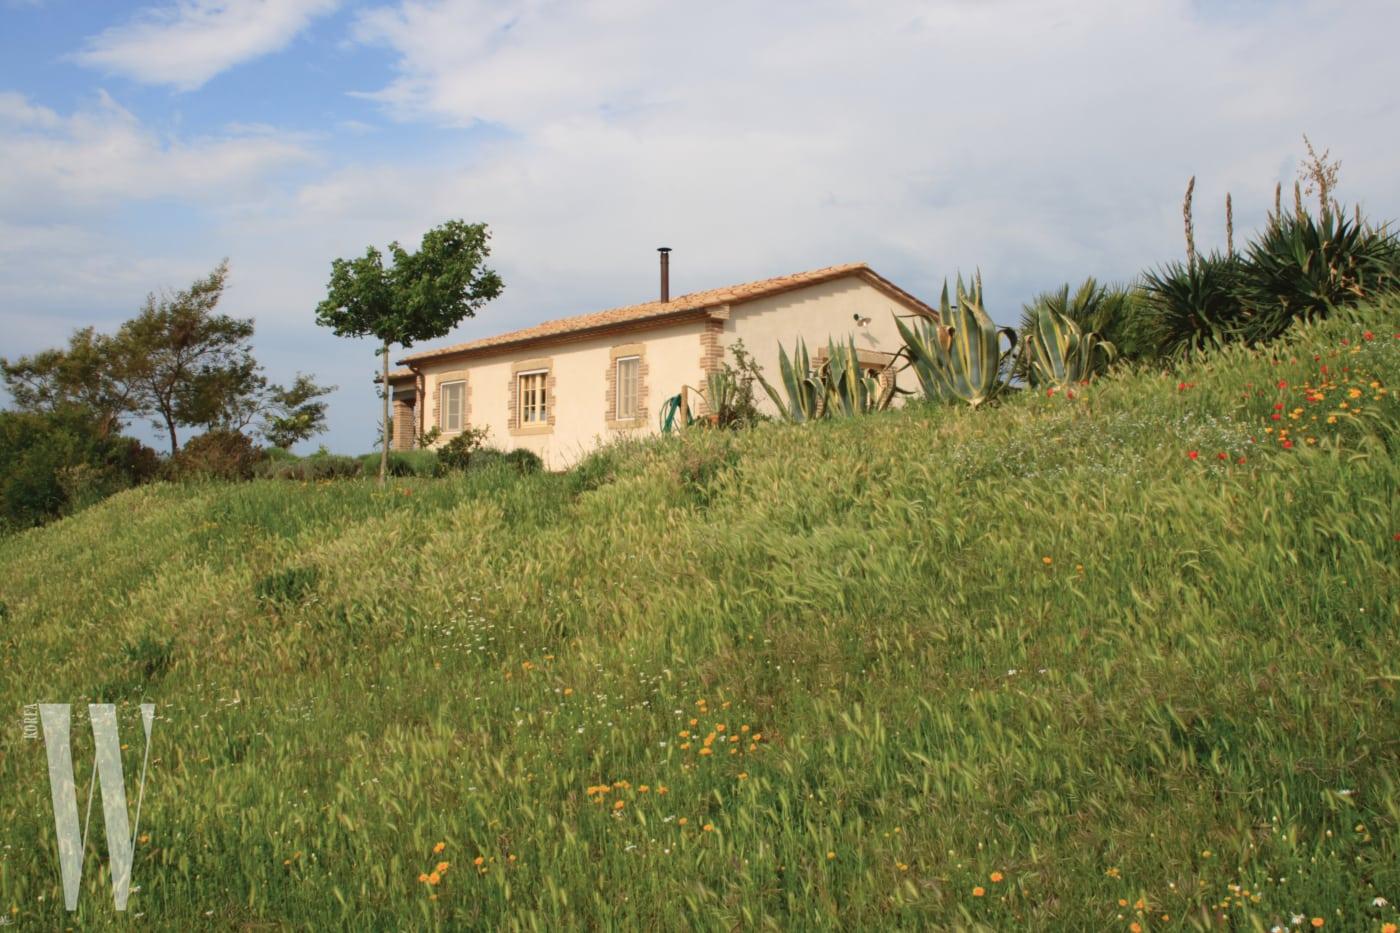 온갖 약용 허브와 식물에 둘러싸인 농장 숙소의 전경.